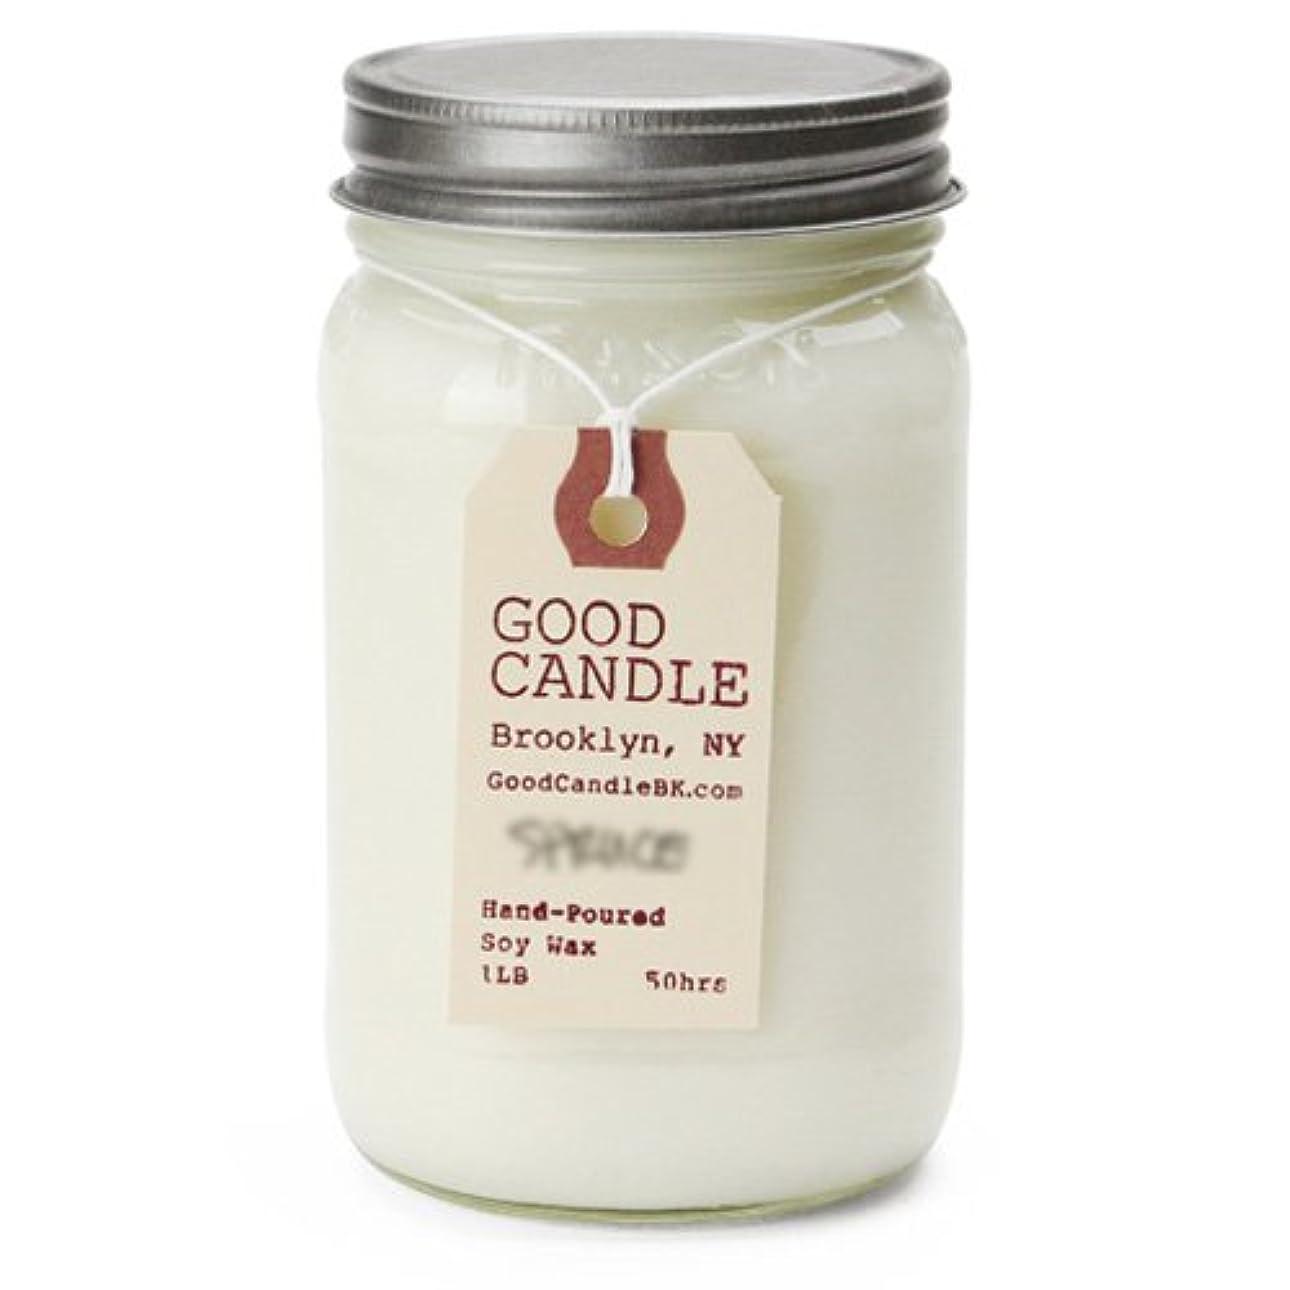 サイバースペースハッチ美しいグッドキャンドル 1ポンド メイソンジャー キャンドル Good Candle 1LB Mason jar candle [ Mimosa ] 正規品